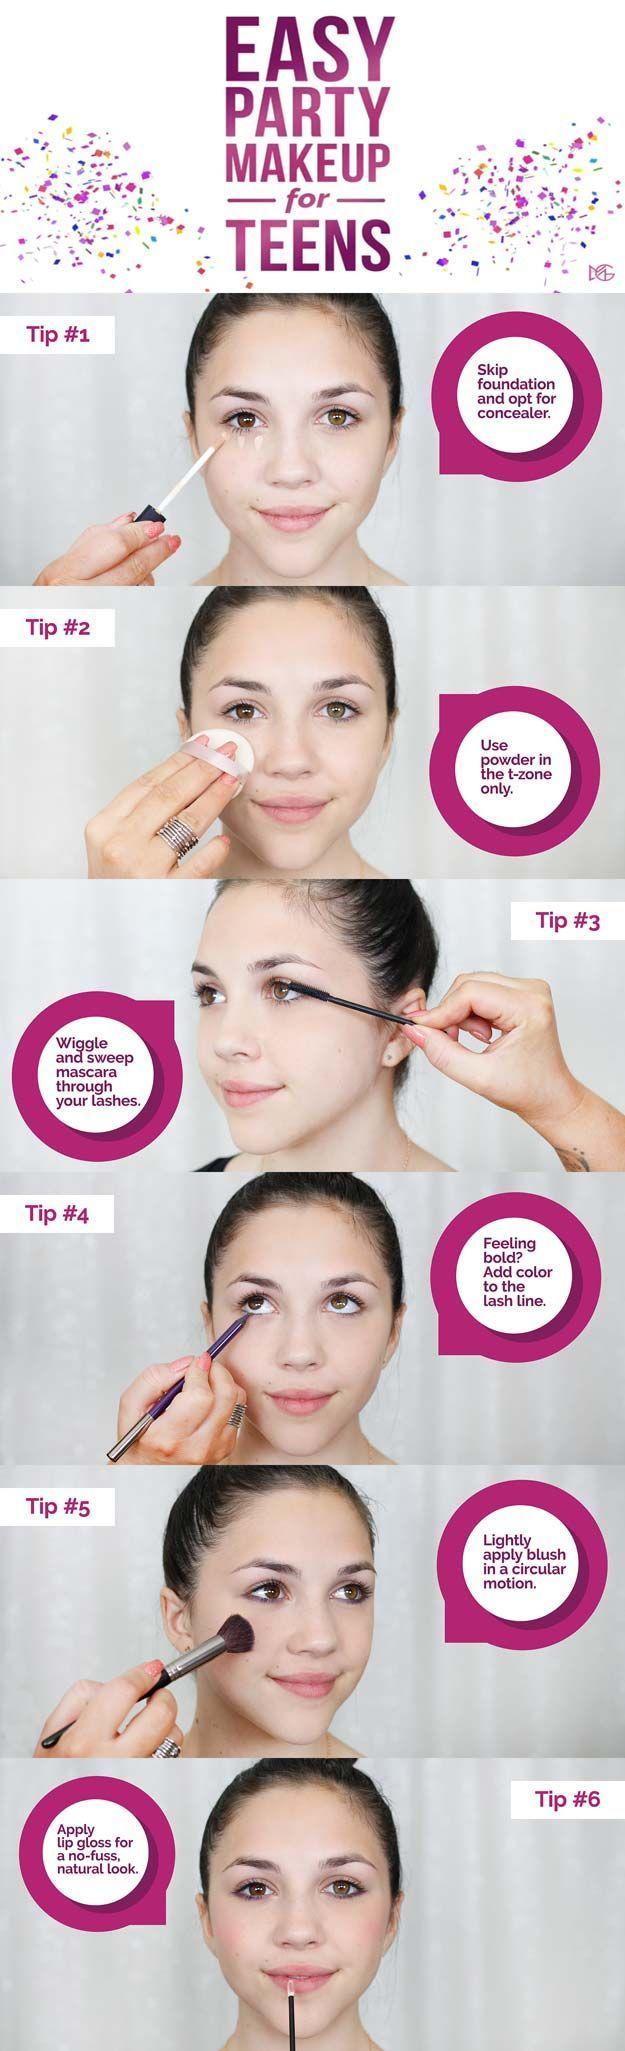 Melhor Maquiagem Tutorial Para Adolescentes – Maquiagem Fácil Artist For Teens – Simple Ma